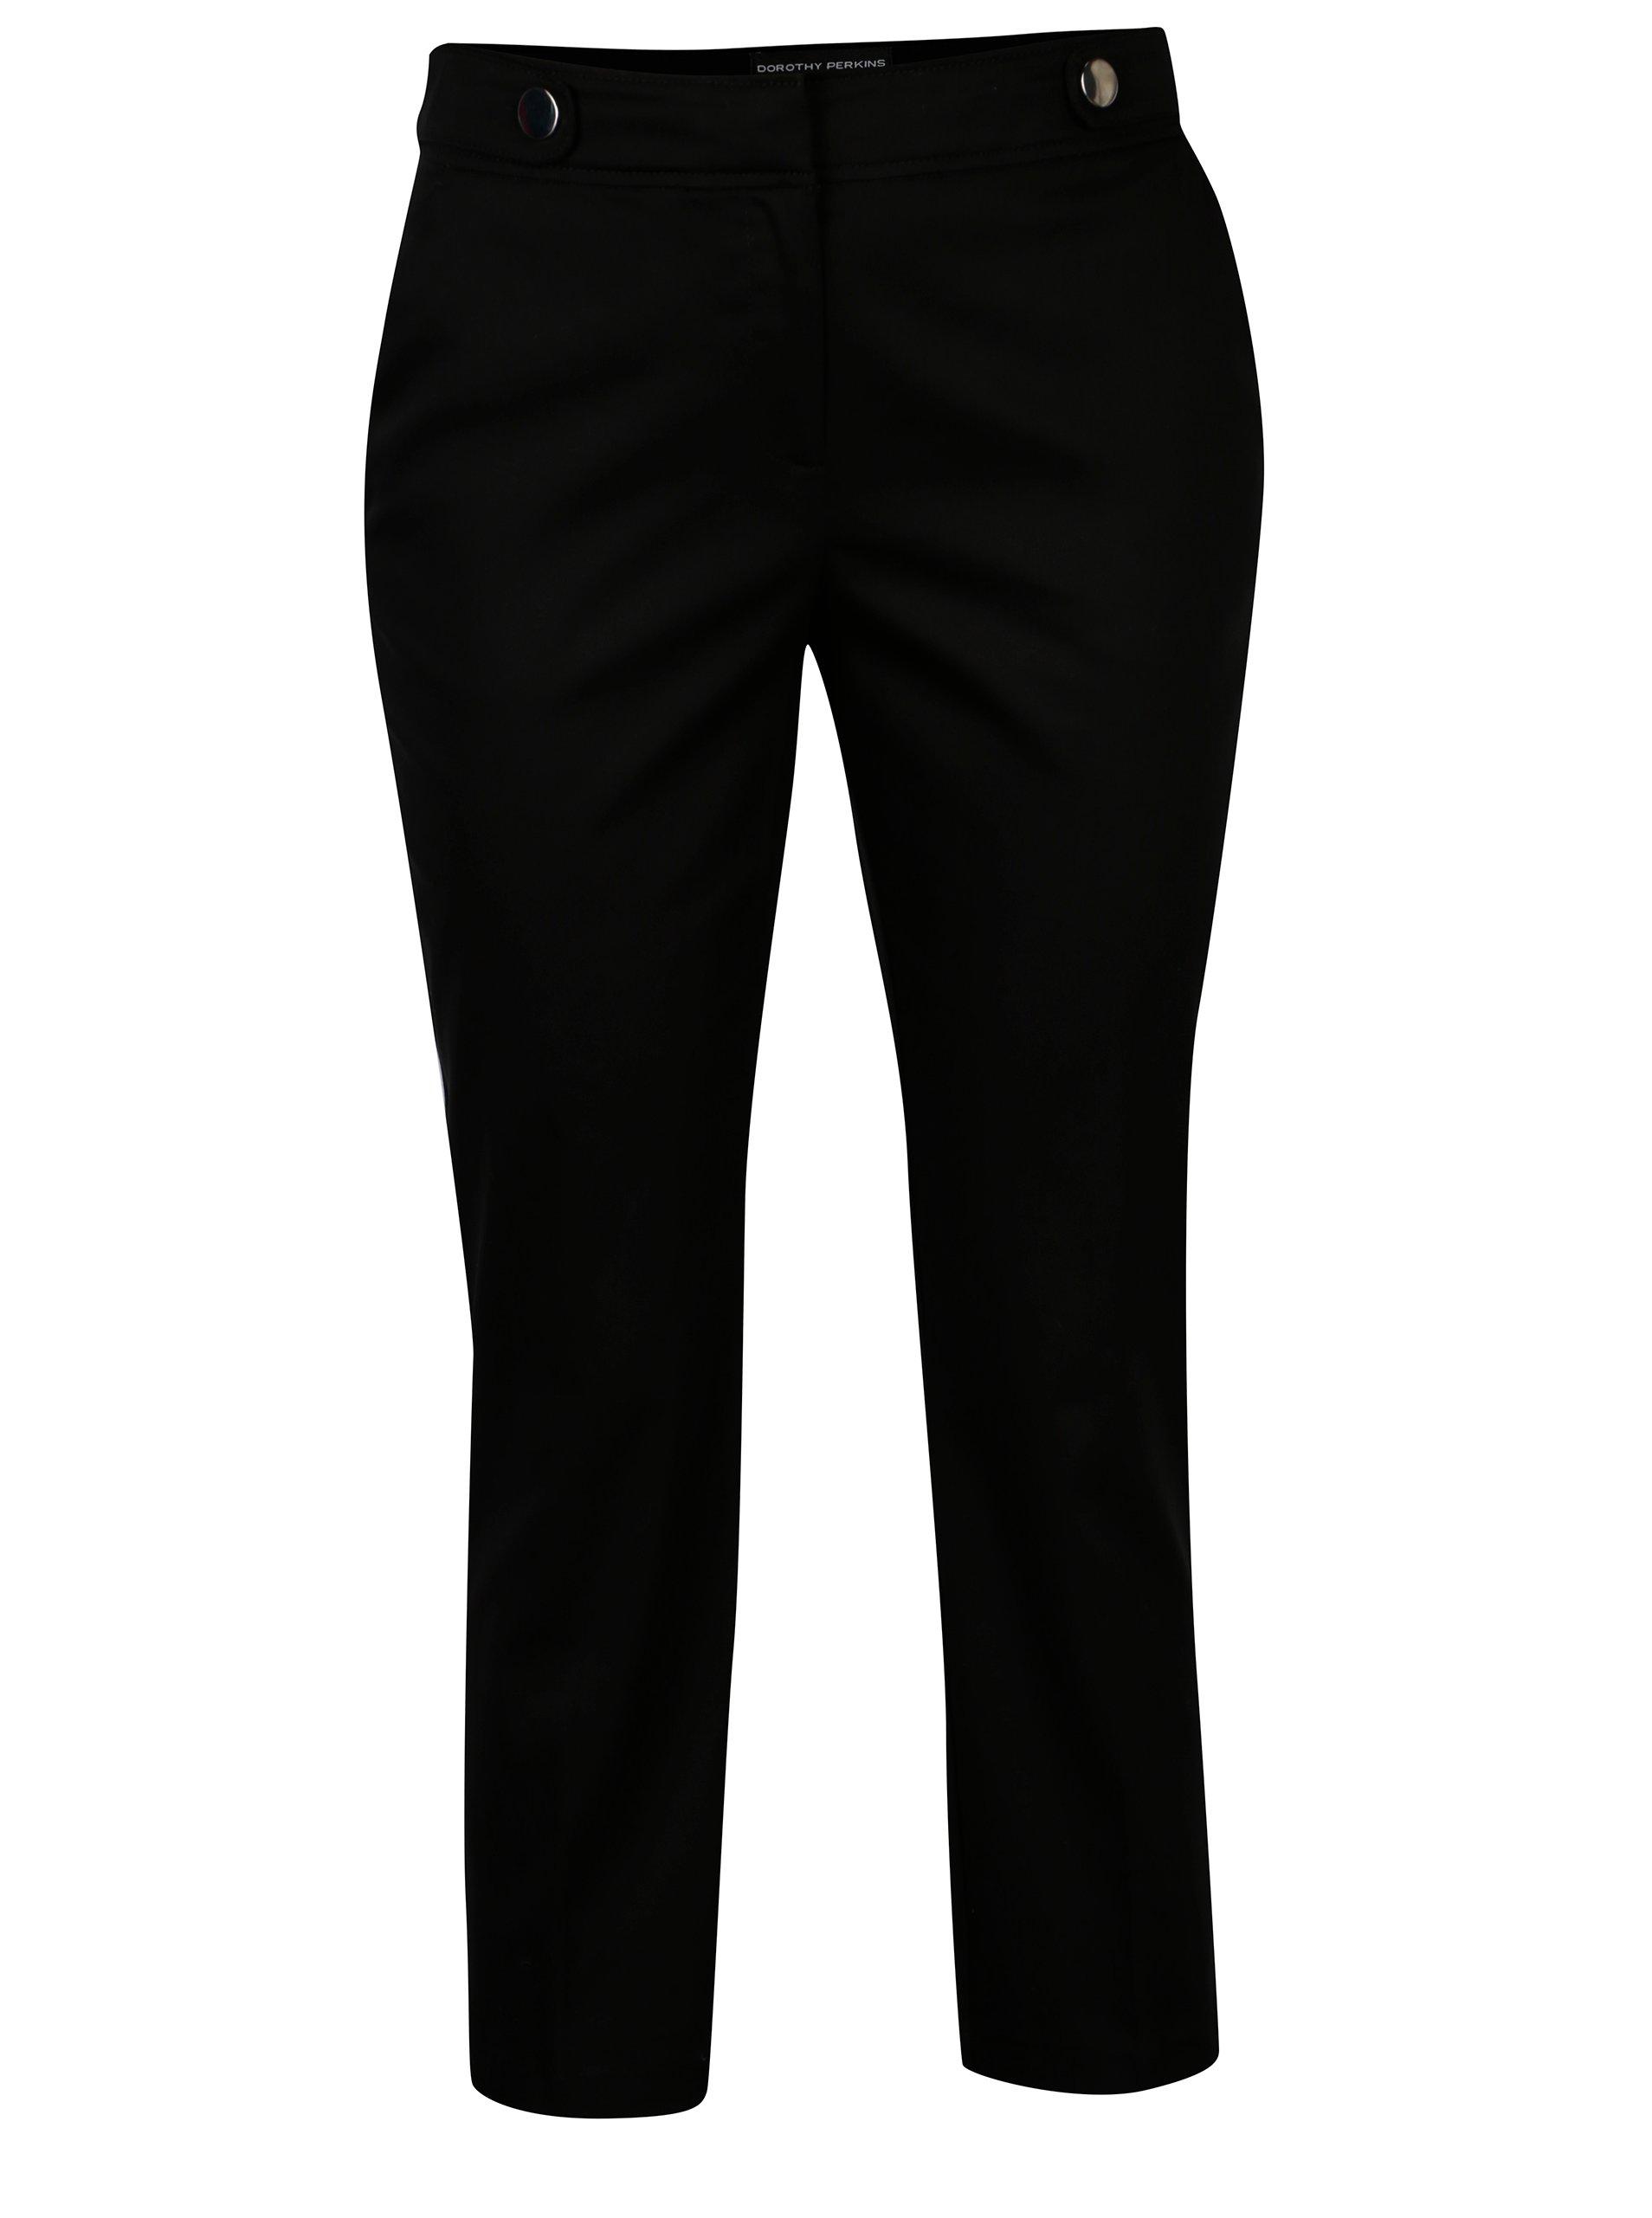 Černé zkrácené kalhoty s ozdobnými knoflíky Dorothy Perkins b598b5480d3